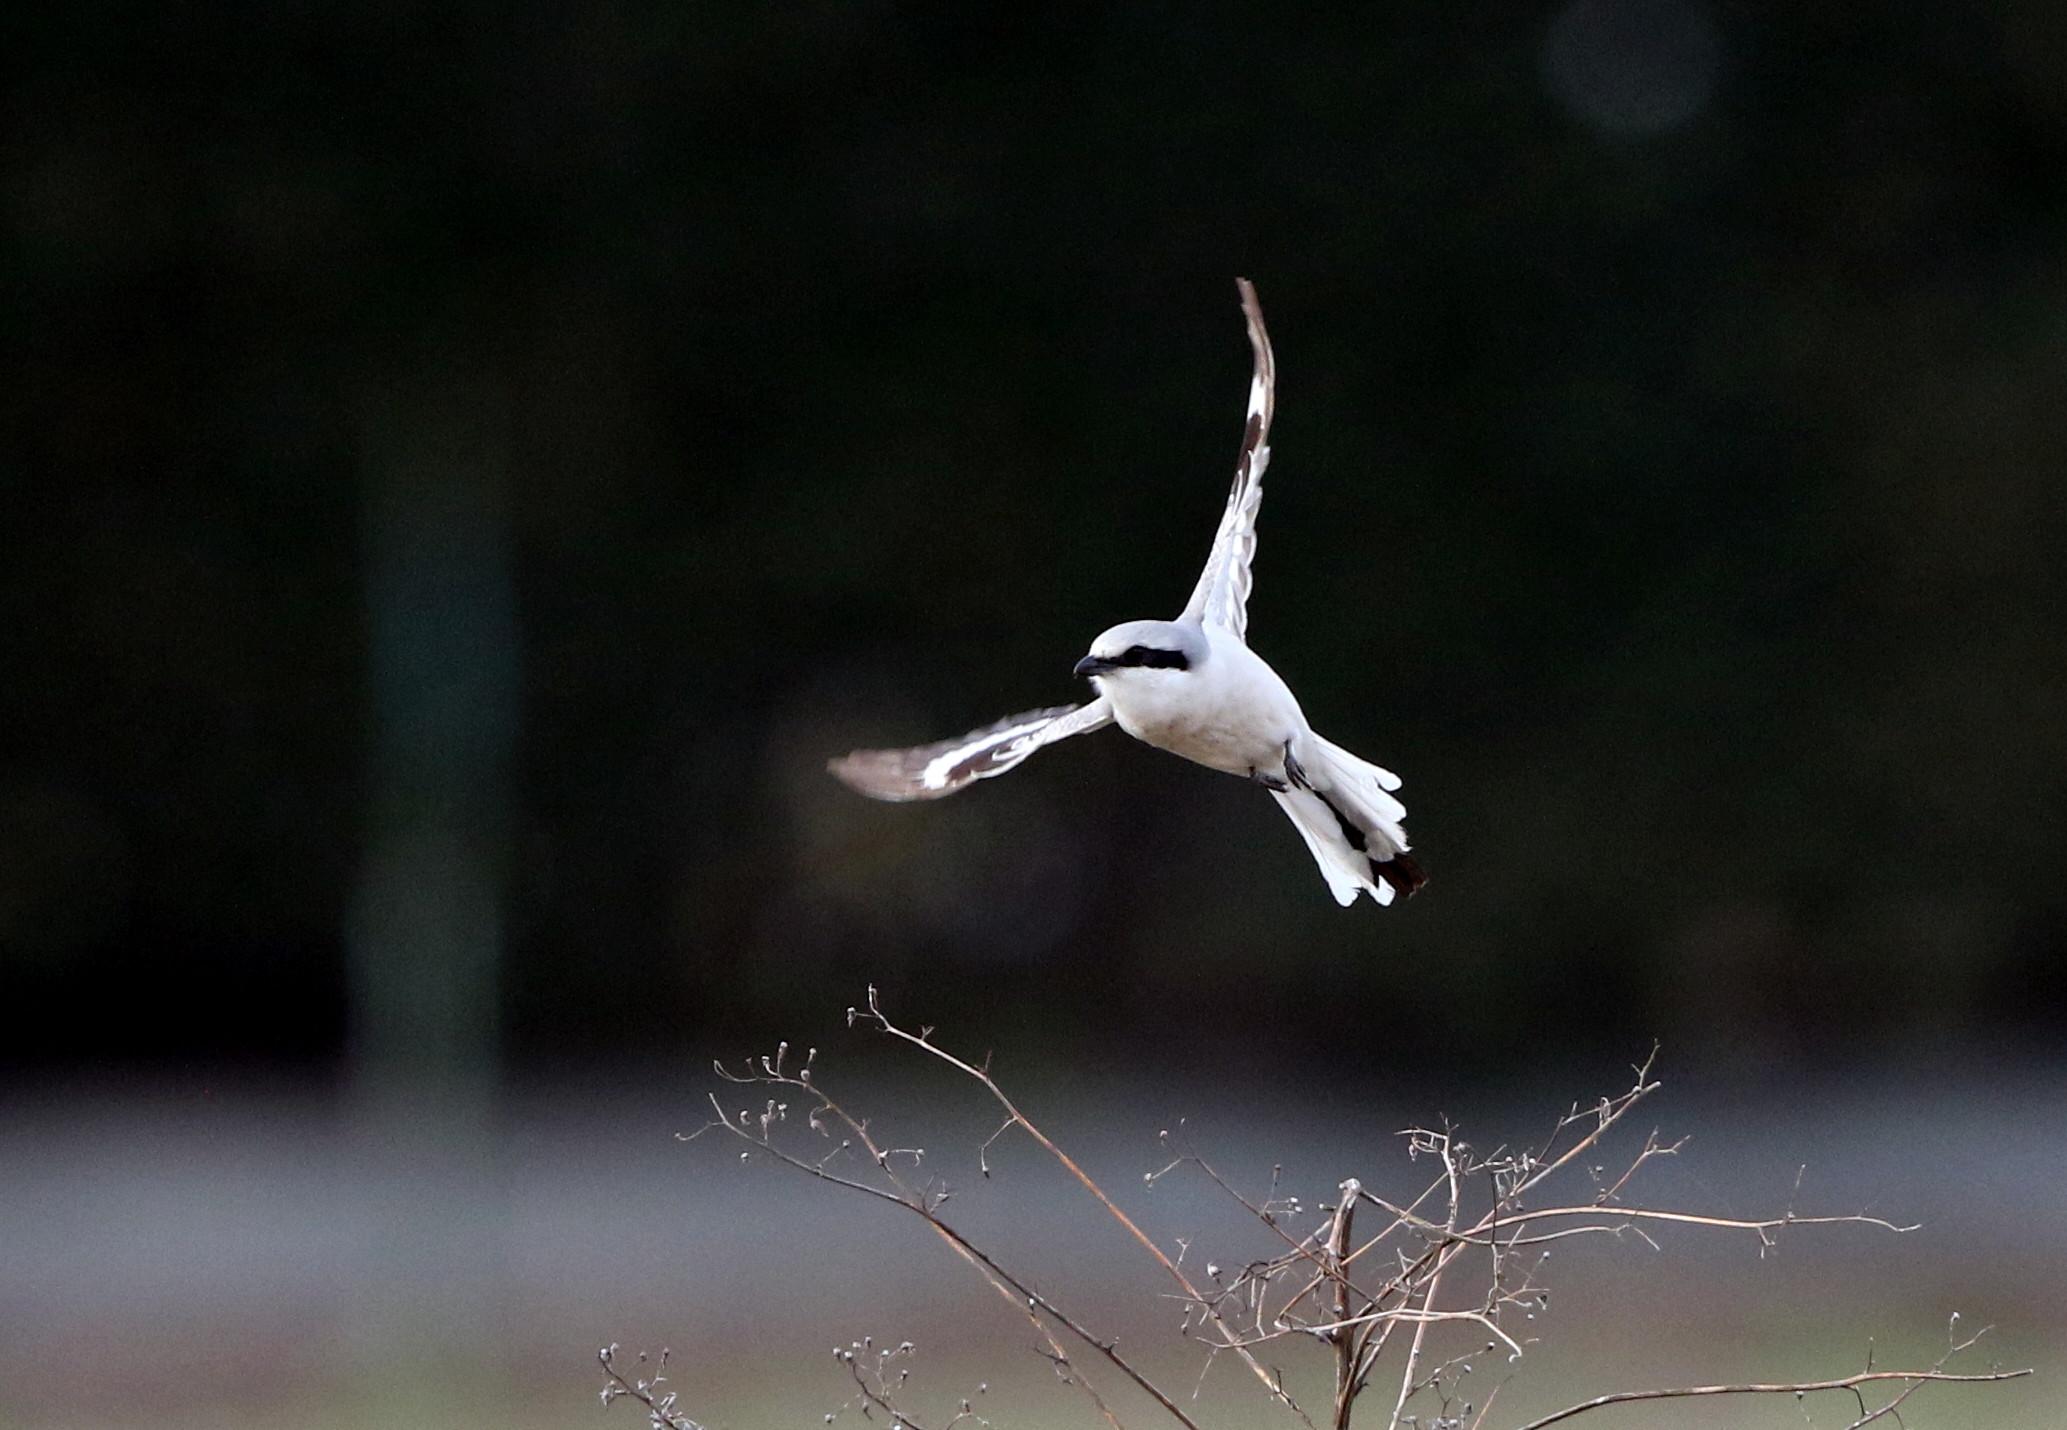 オオカラモズ その3(飛翔)_f0239515_14284591.jpg